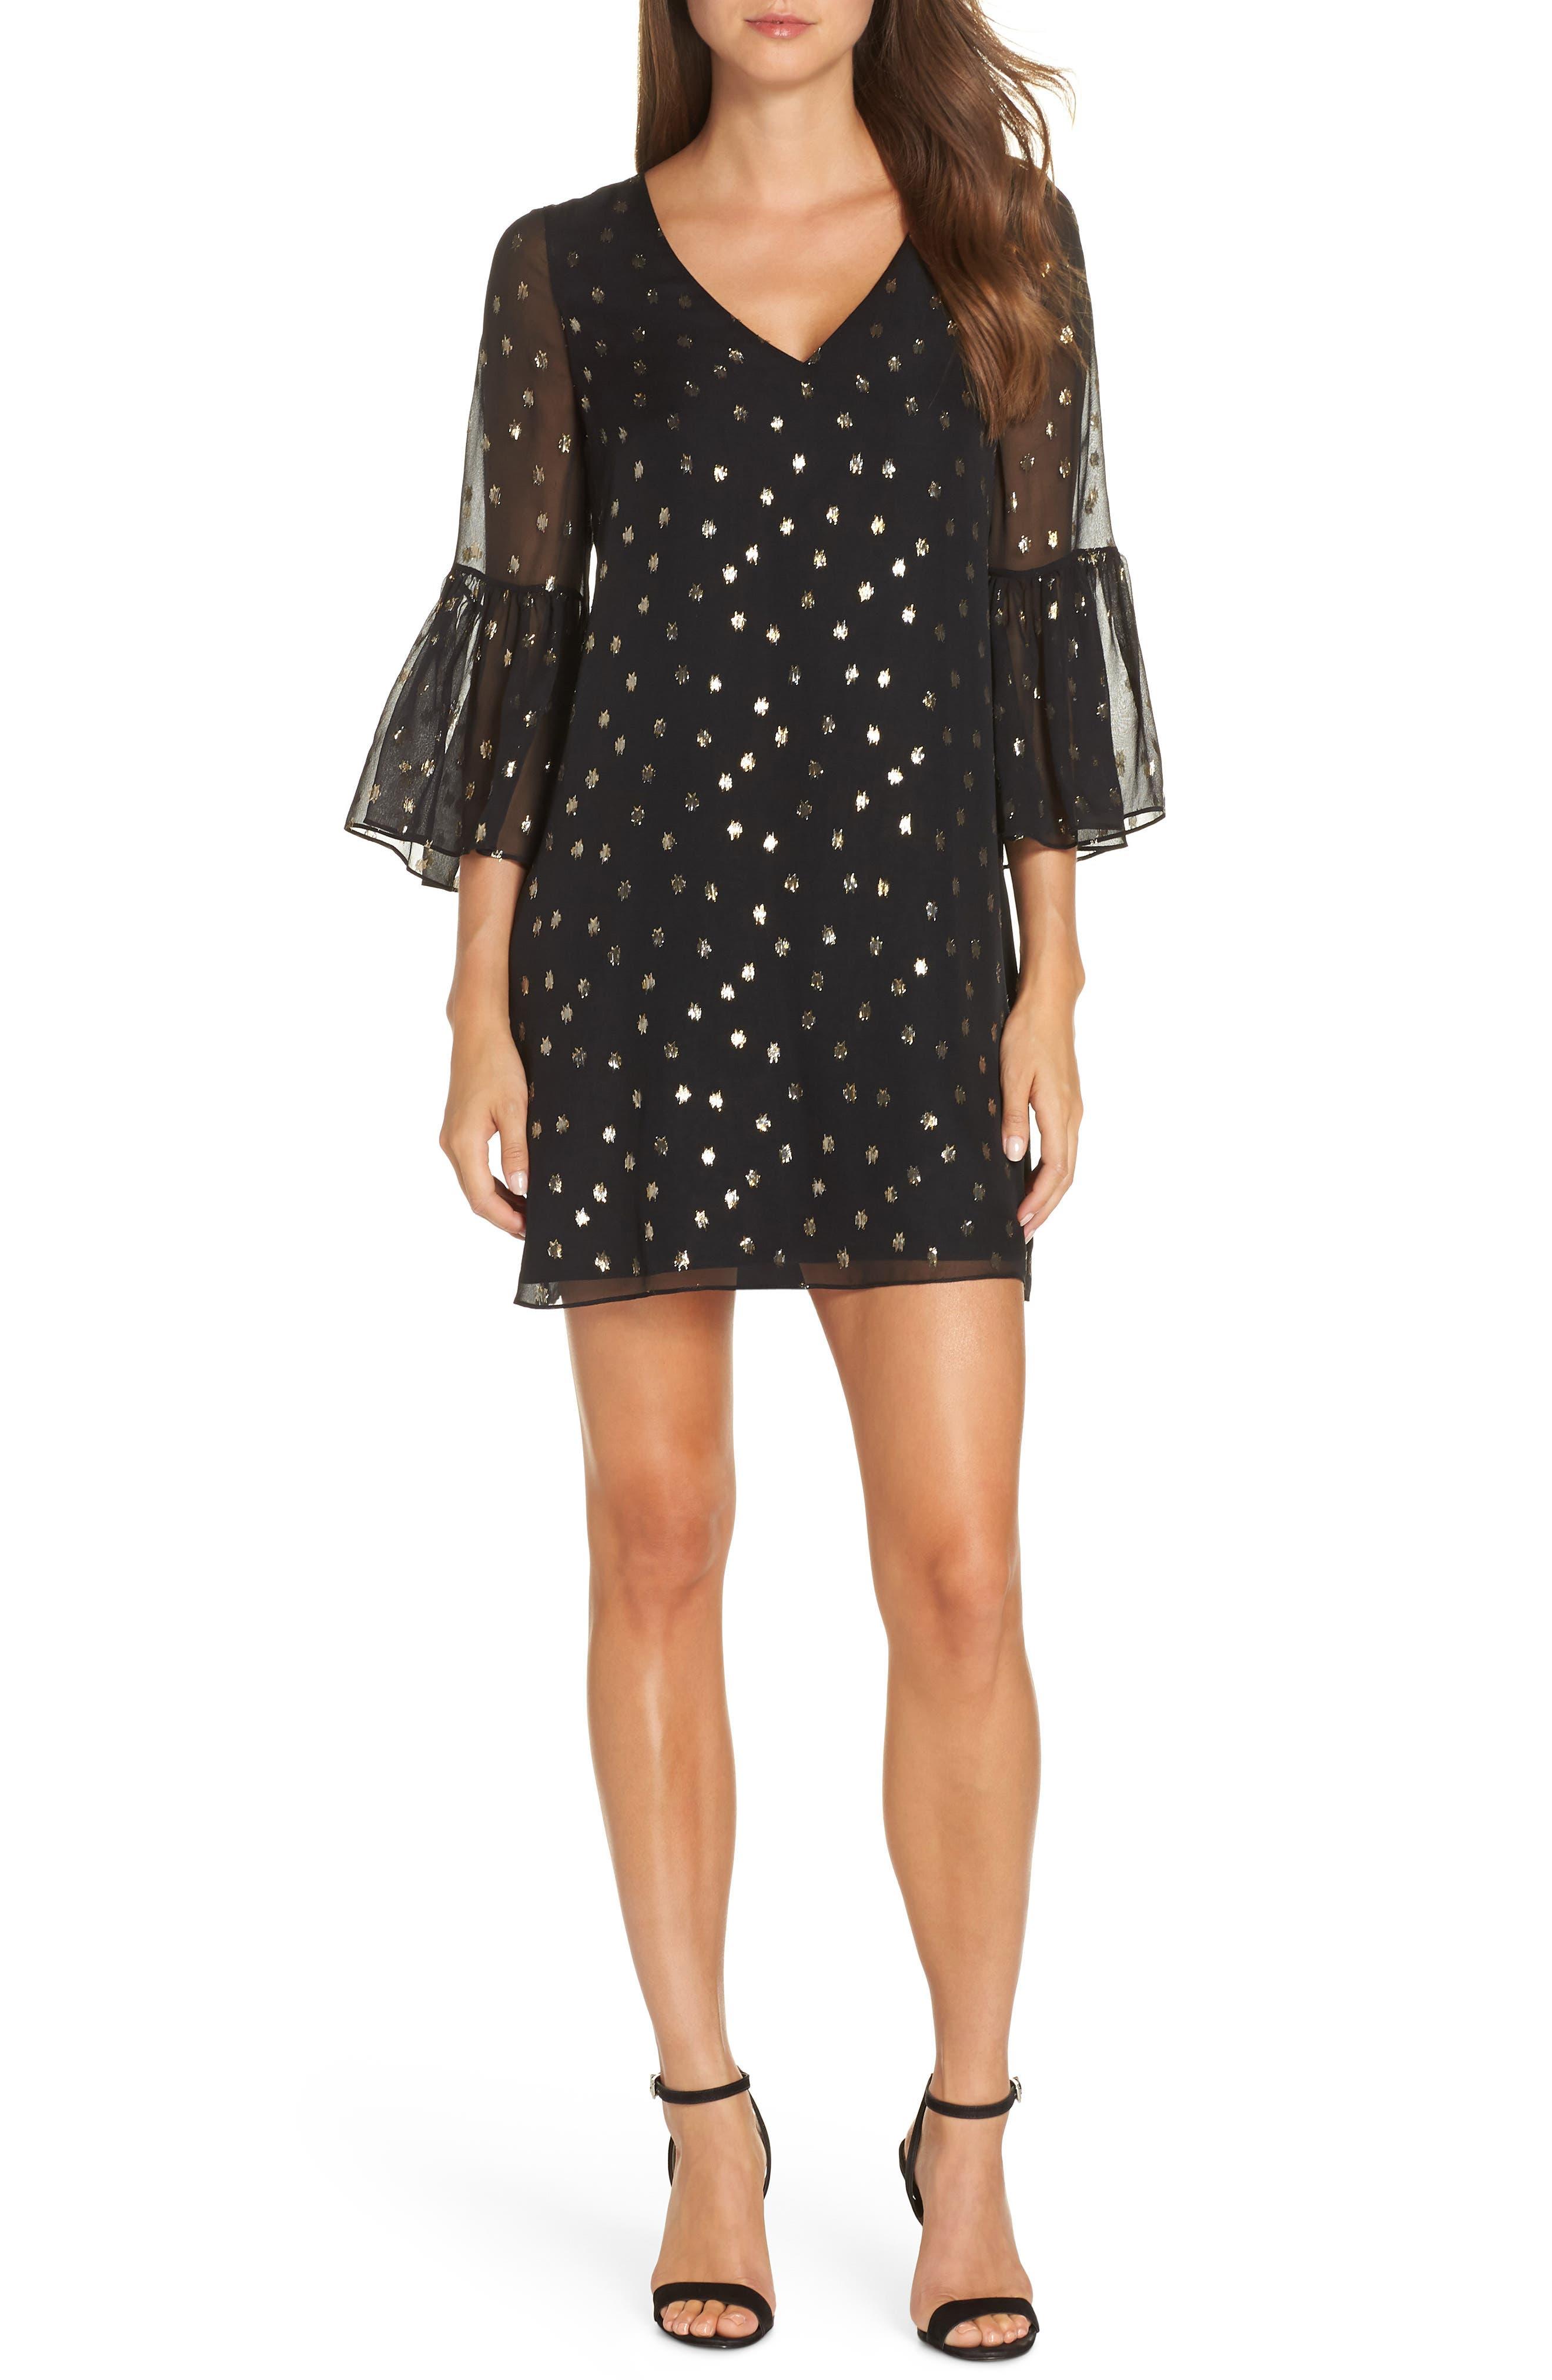 Lilly Pulitzer Caroline Chiffon Tunic Dress, Black